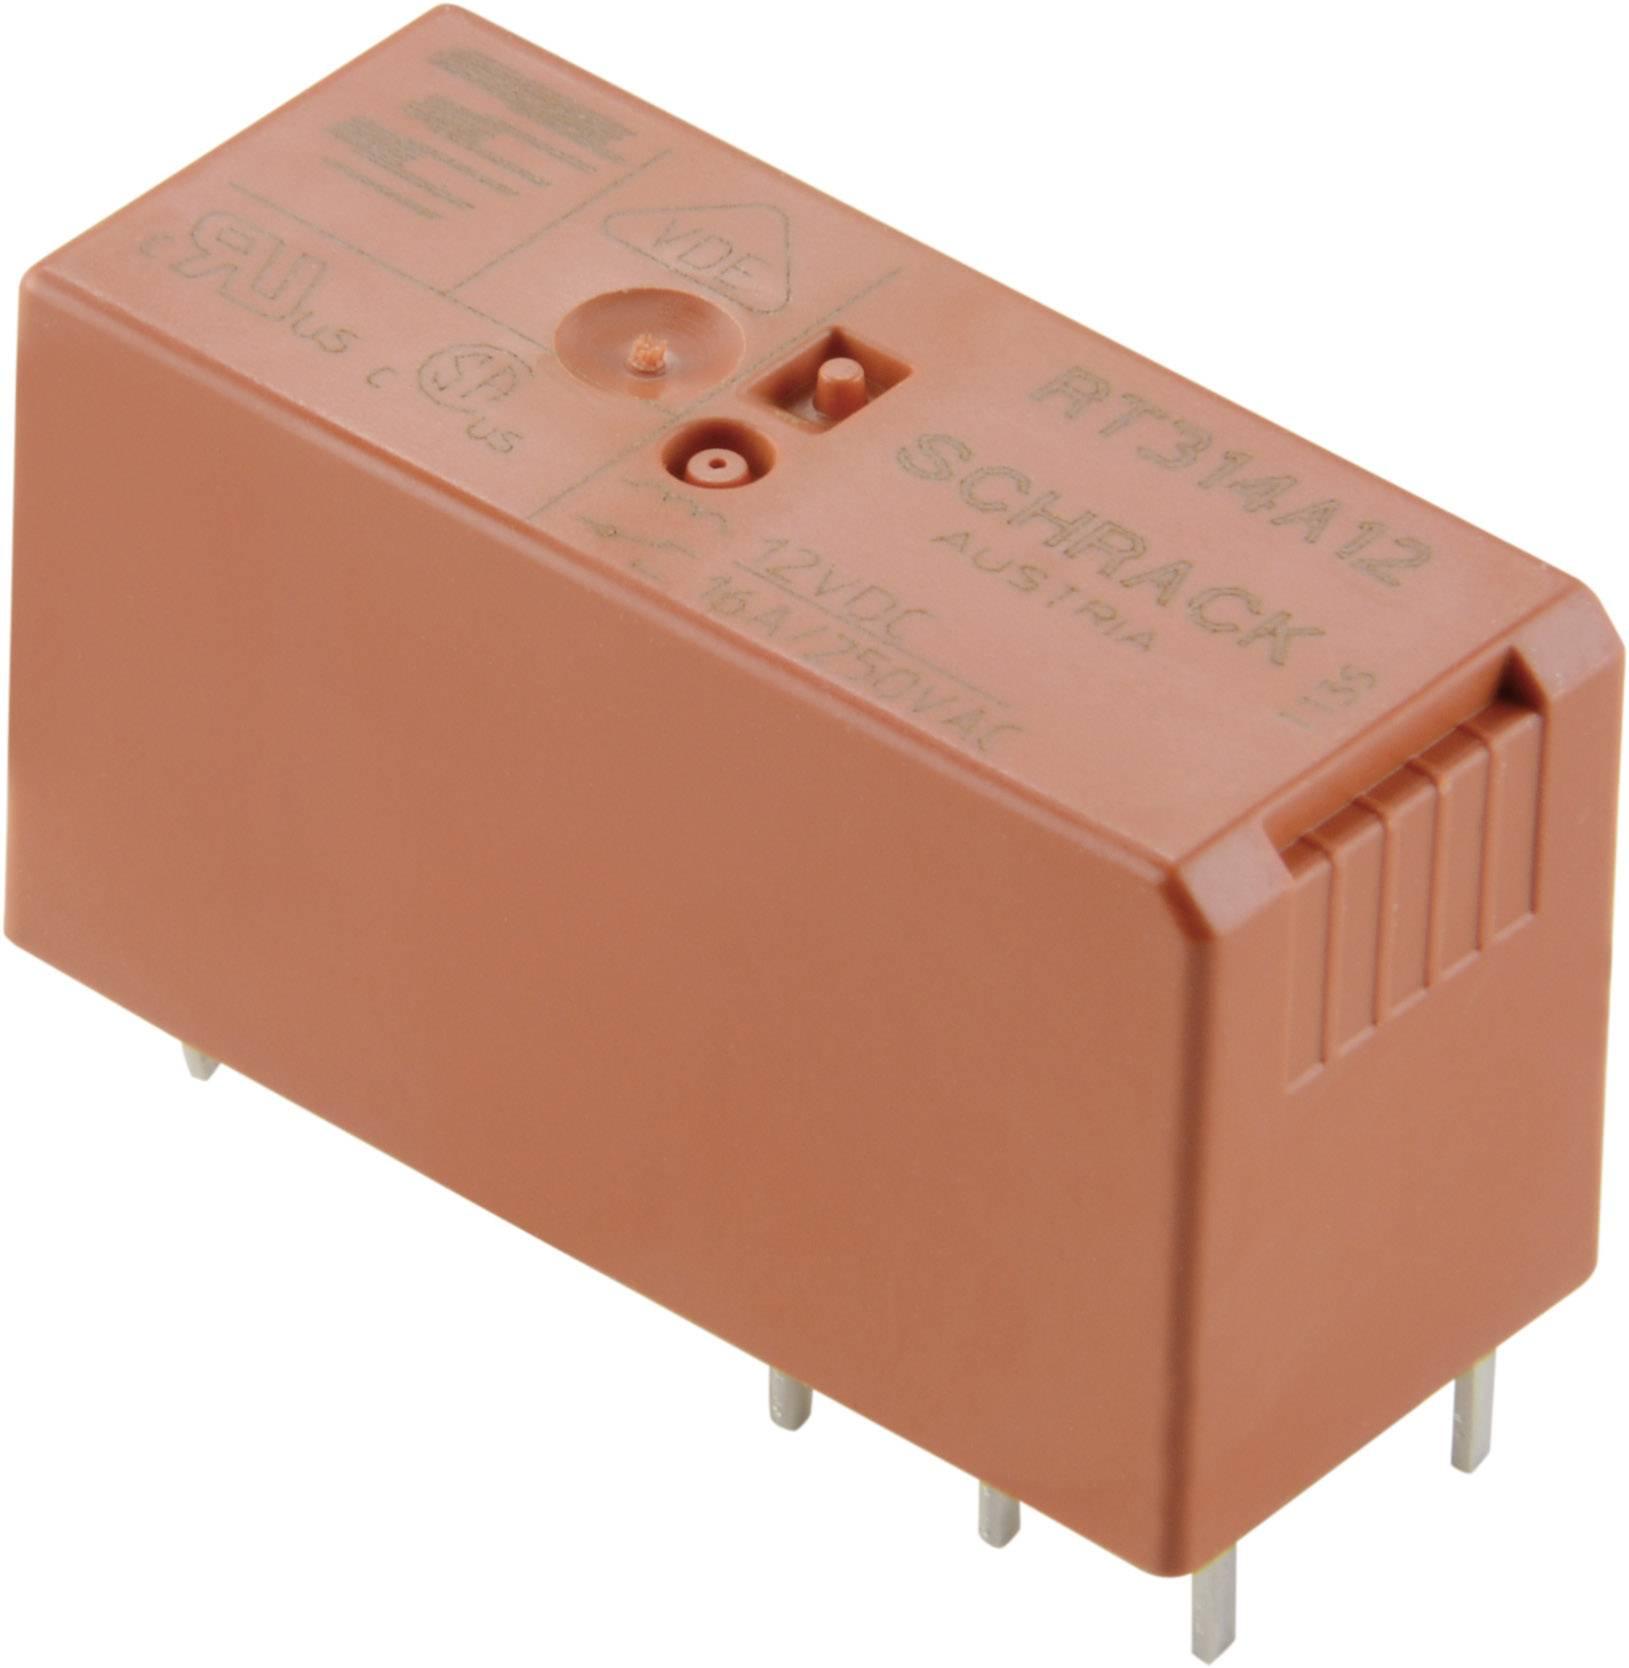 RT-výkon. relé 8 A, 2 x přepínací kontakt TE Connectivity 5-1393243-4, RT424F12, 8 A